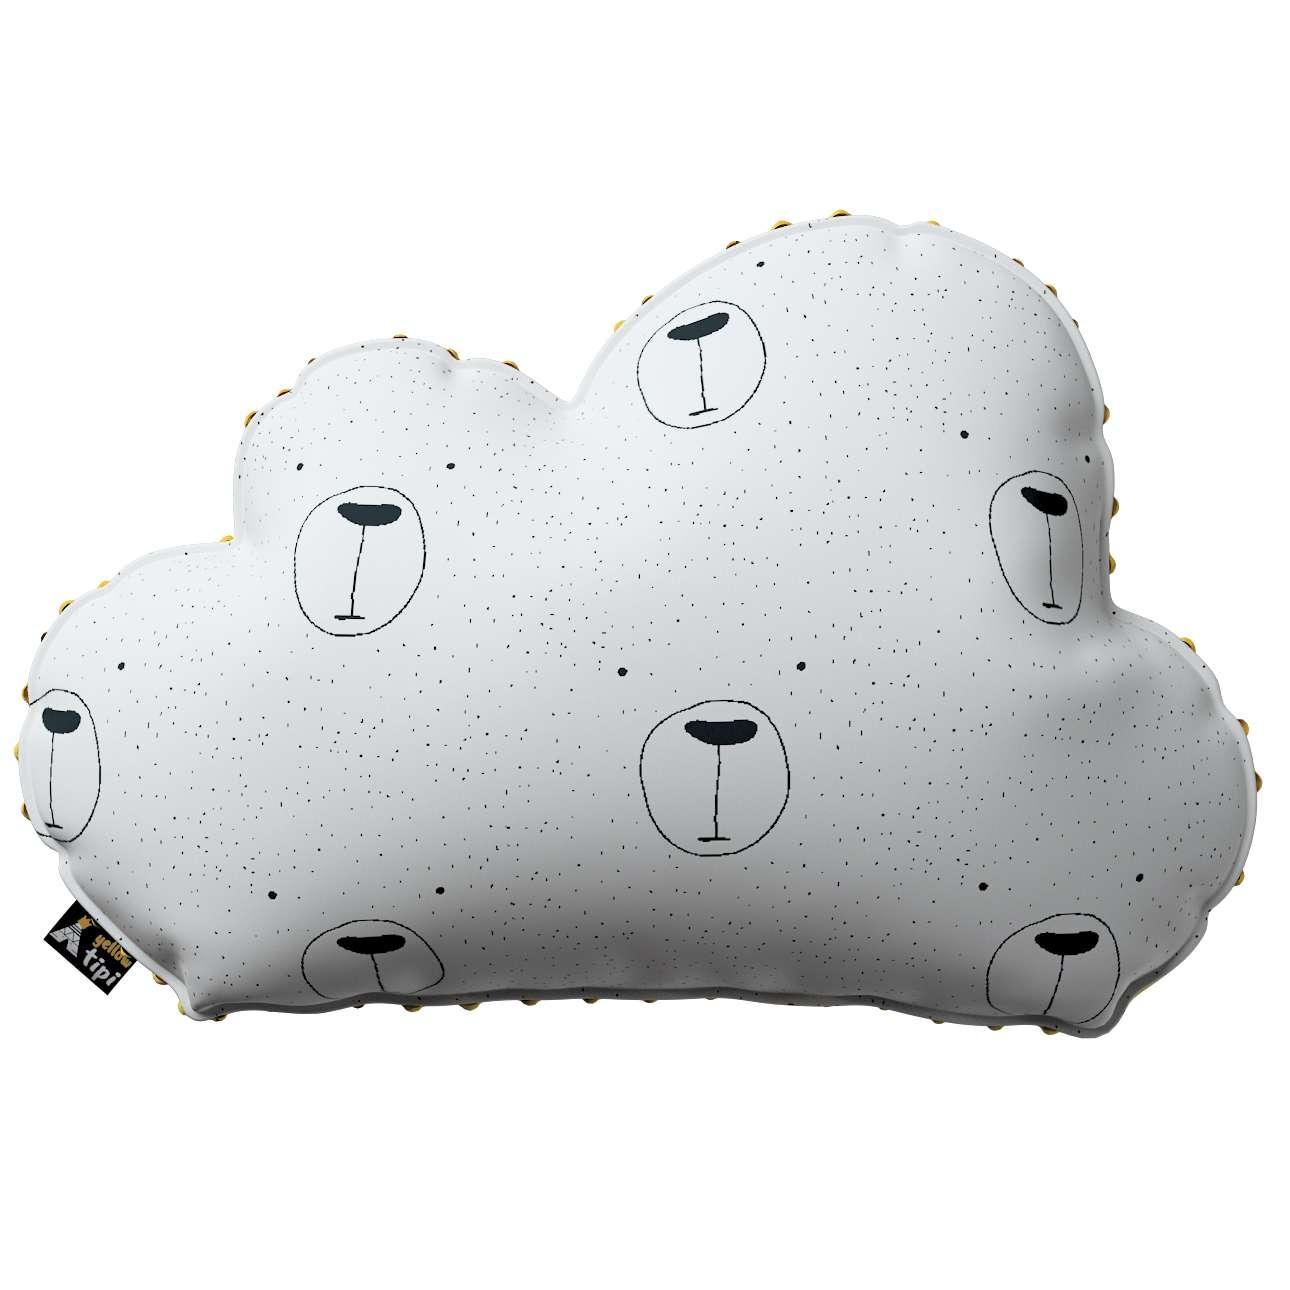 Kissen Soft Cloud aus Minky von der Kollektion Magic Collection, Stoff: 500-06